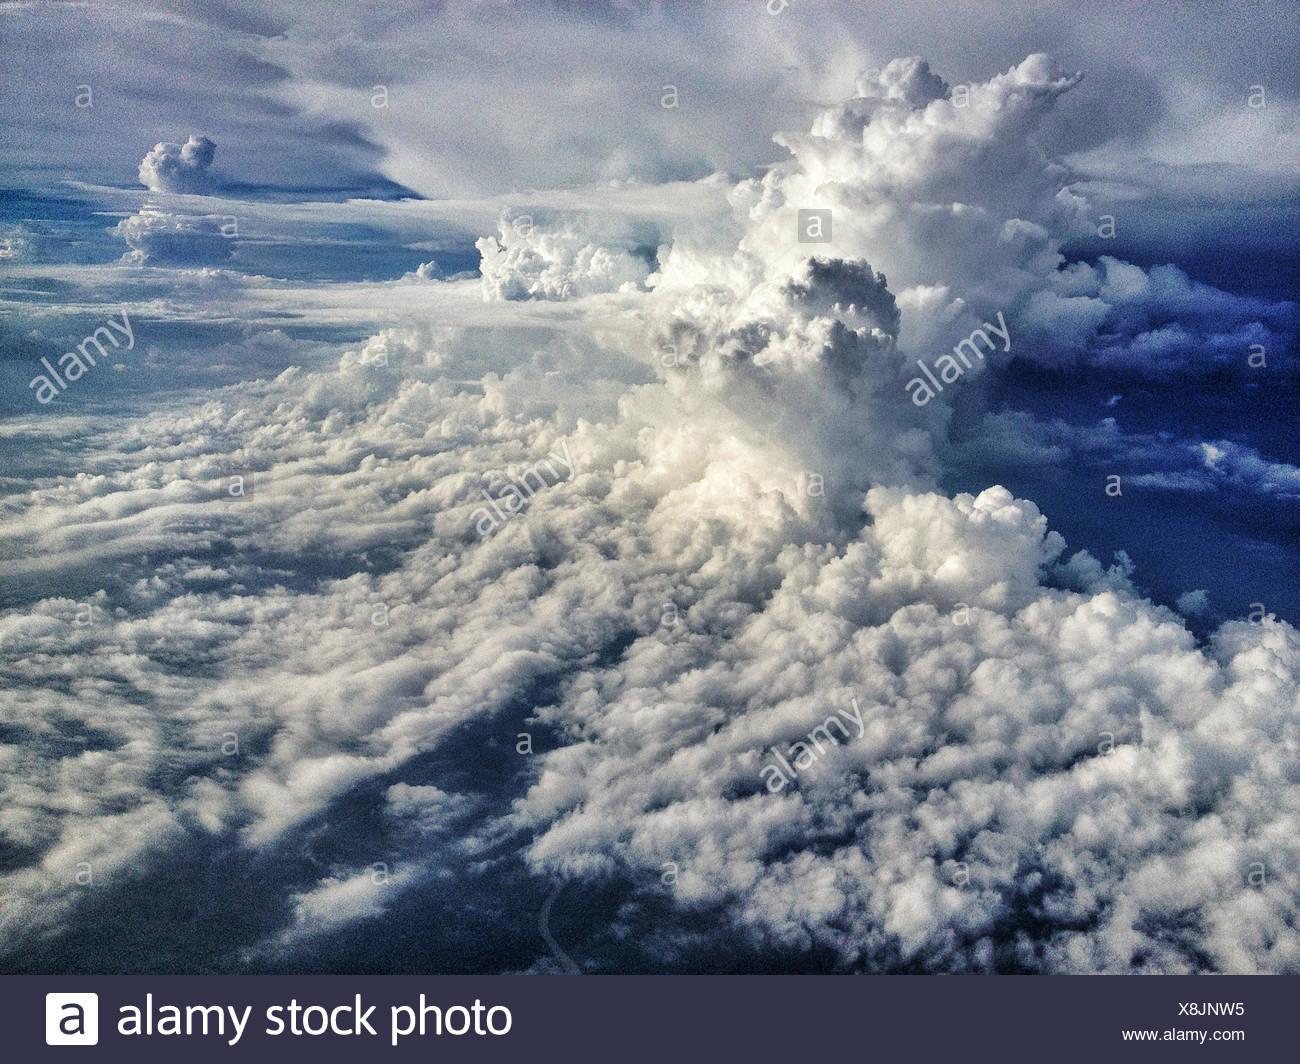 Indonesien, Bali, Wolkengebilde Stockbild